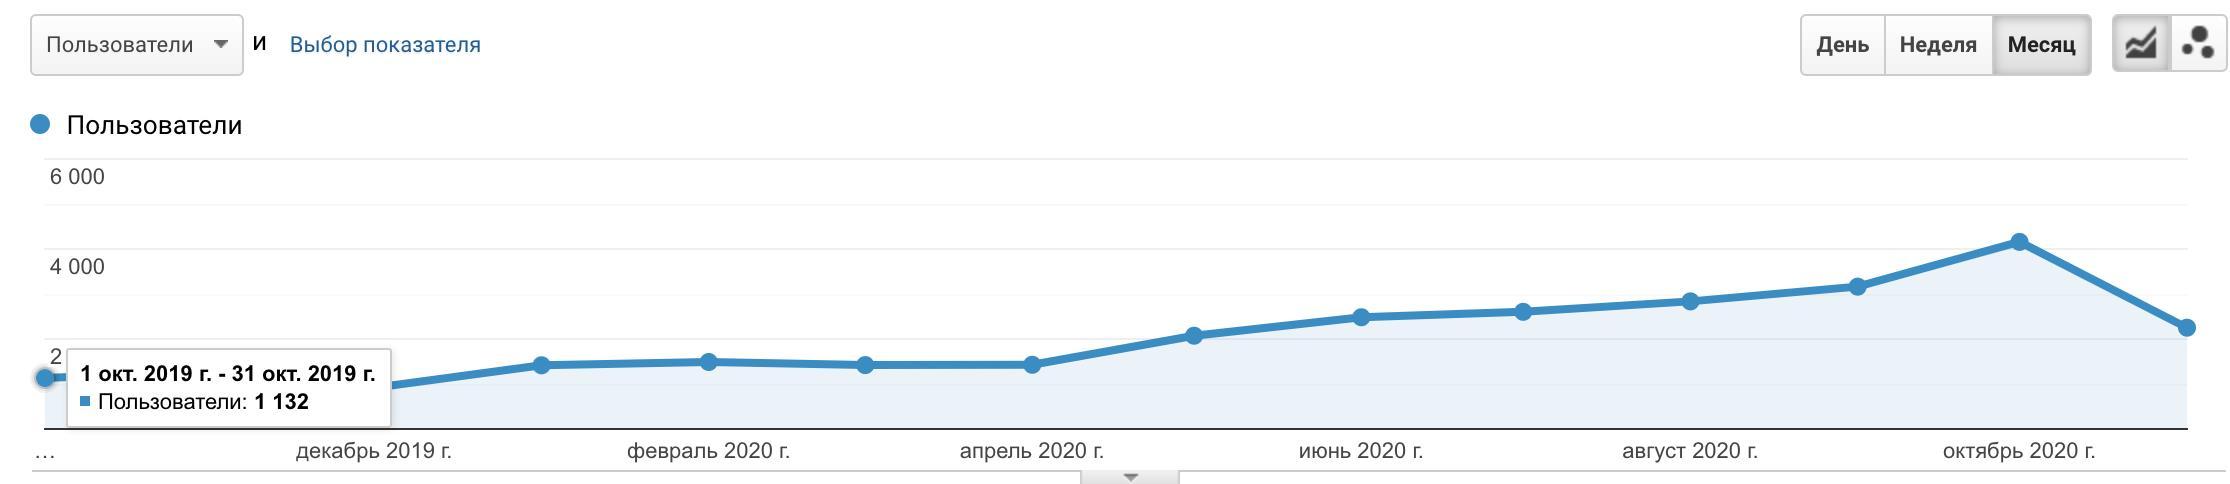 трафик на момент старта работ - 1132 пользователя